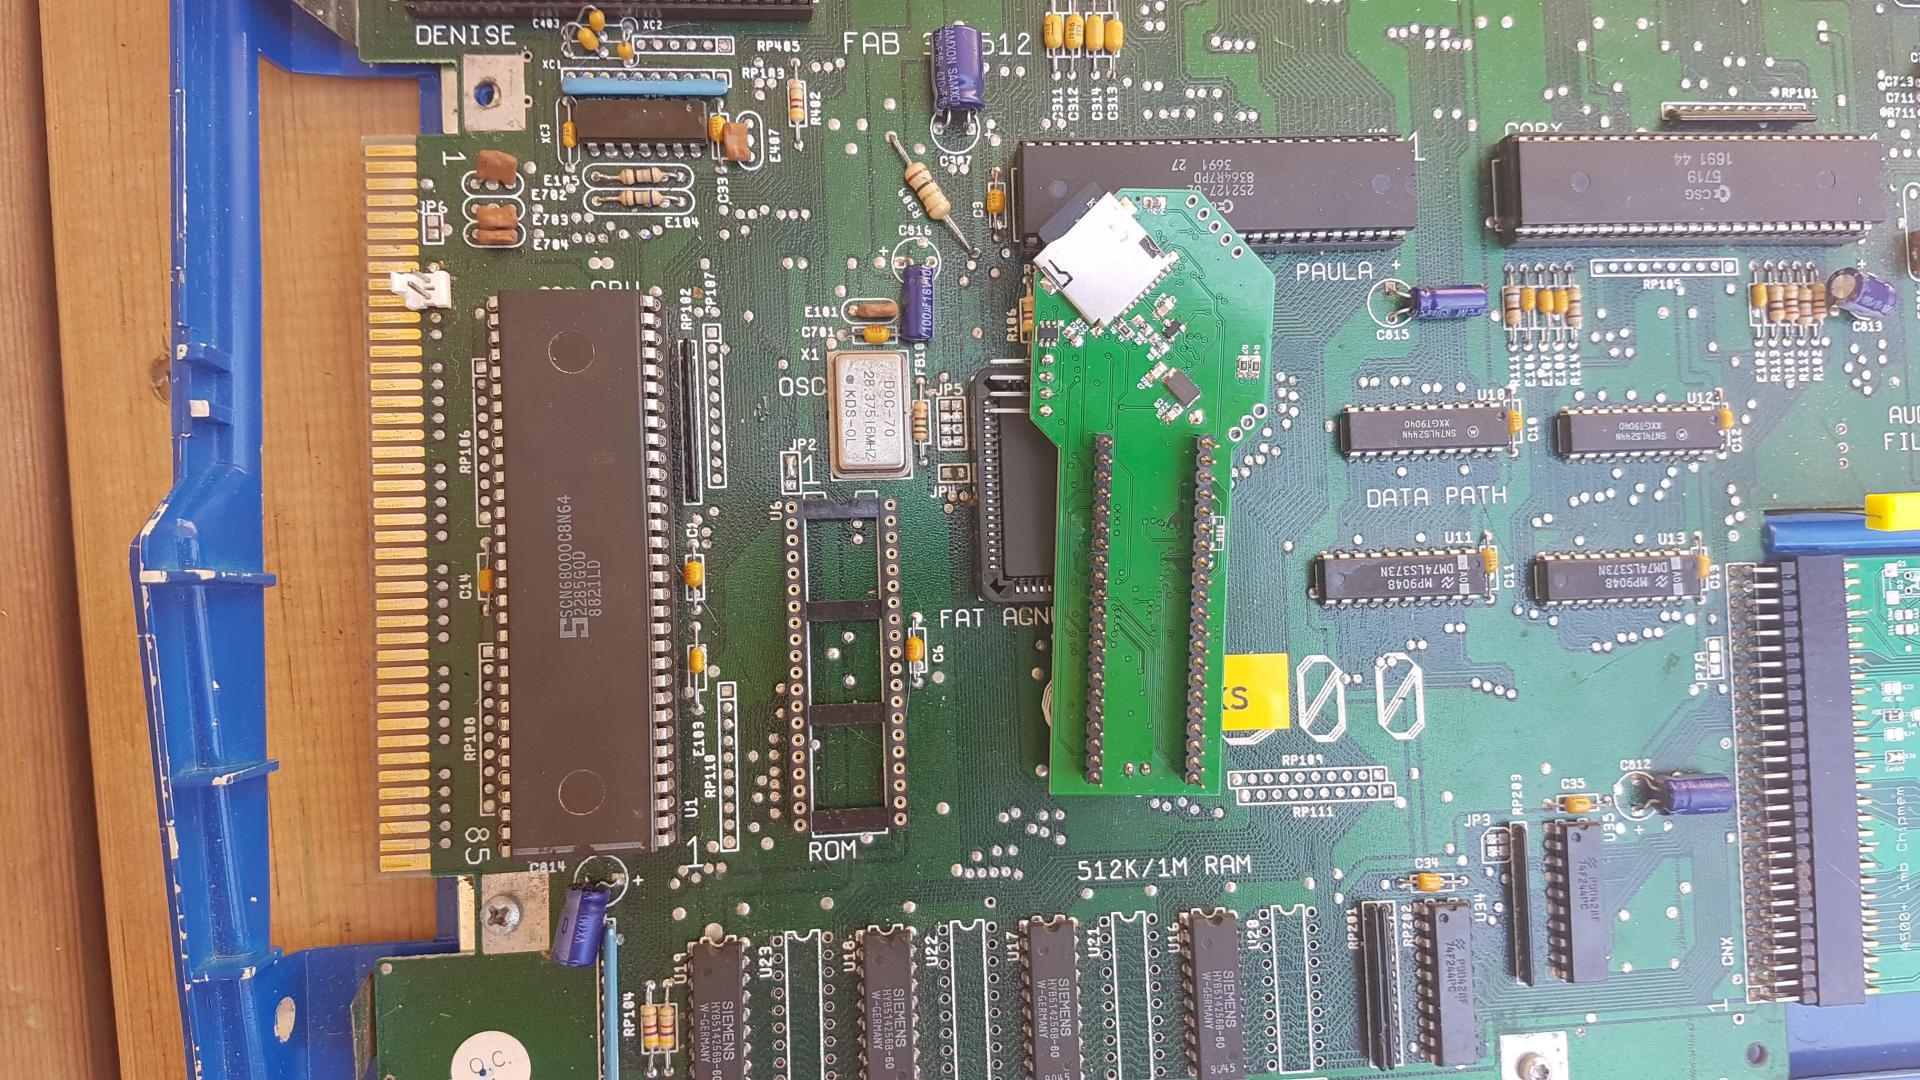 Klikněte na obrázek pro zobrazení větší verze  Název: romulatorbottom.jpg Zobrazeno: 51 Velikost: 425,4 KB ID: 9611